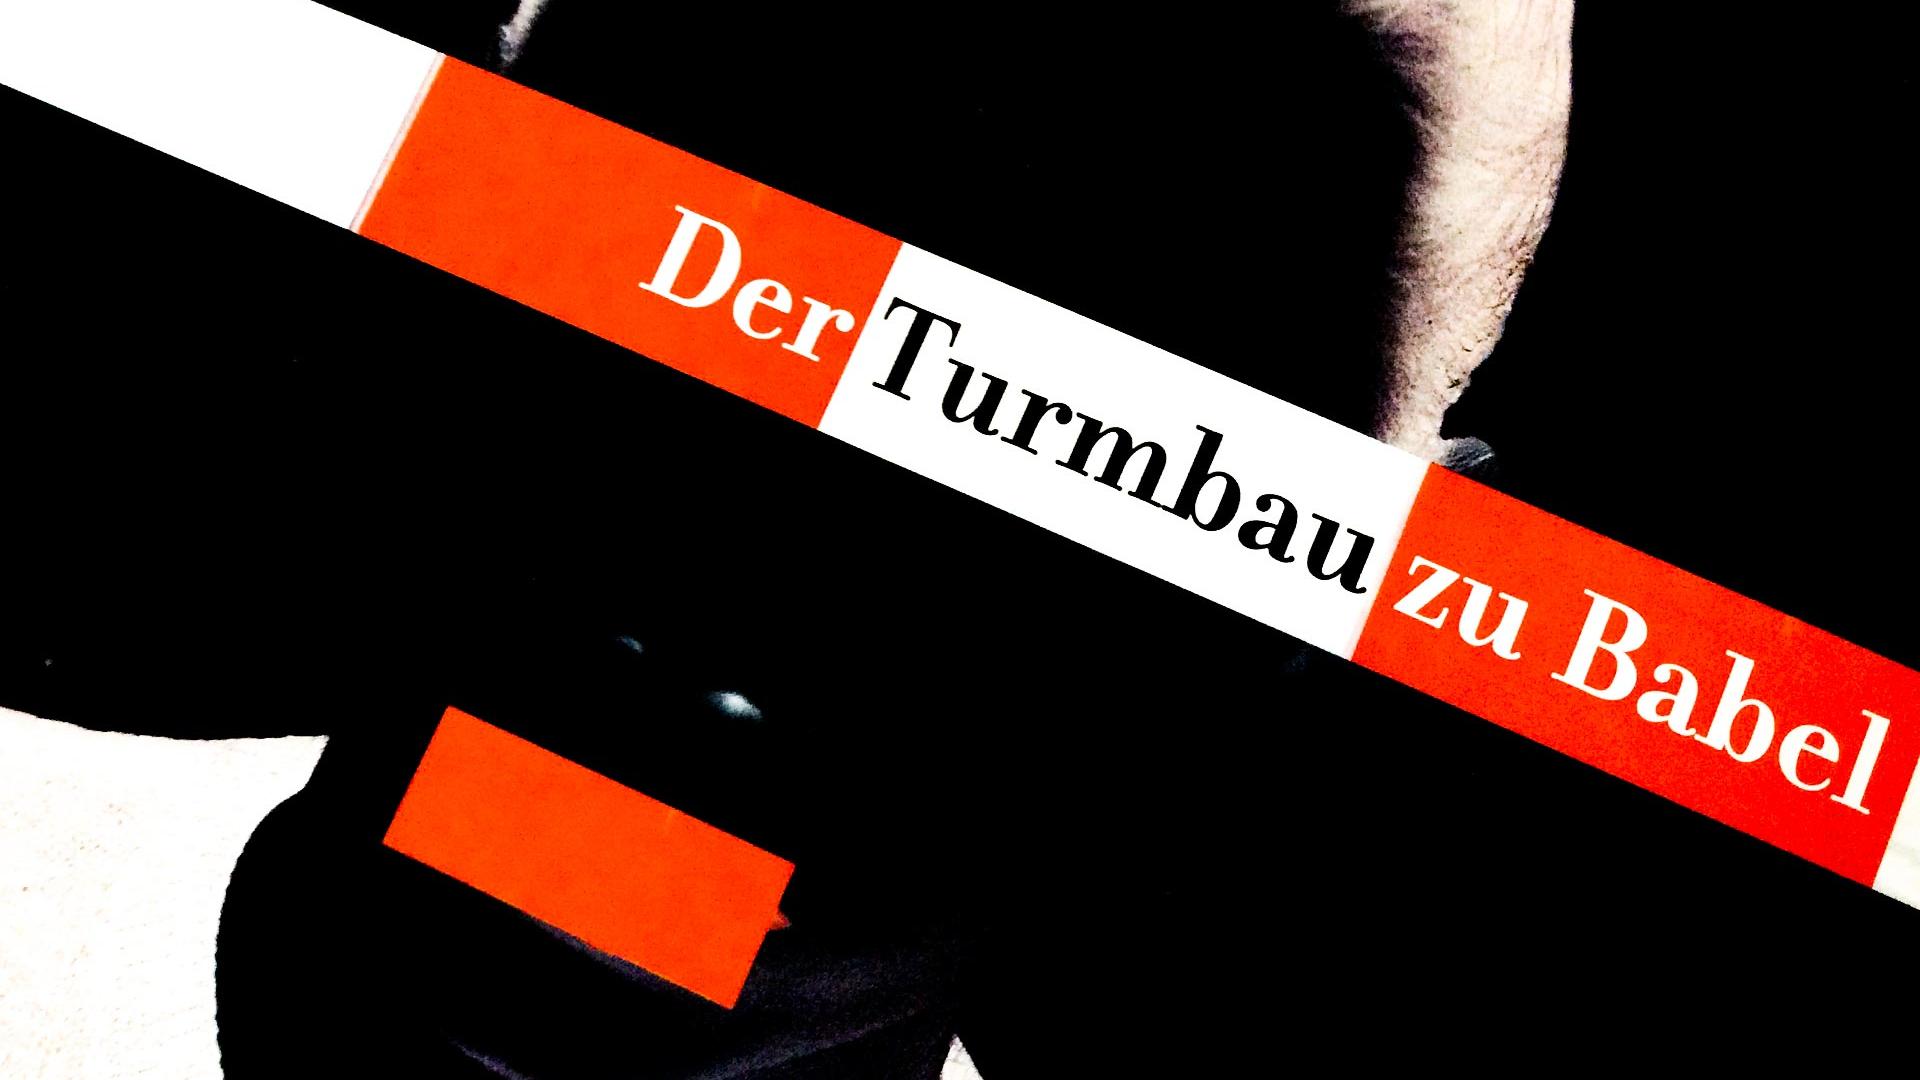 Der »Zwiebelfisch« ist ein studentisches Magazin für Gestaltung, was von dem Grafikdesigner und Dozenten Wolfgang Wick in Freiburg initiiert wurde.